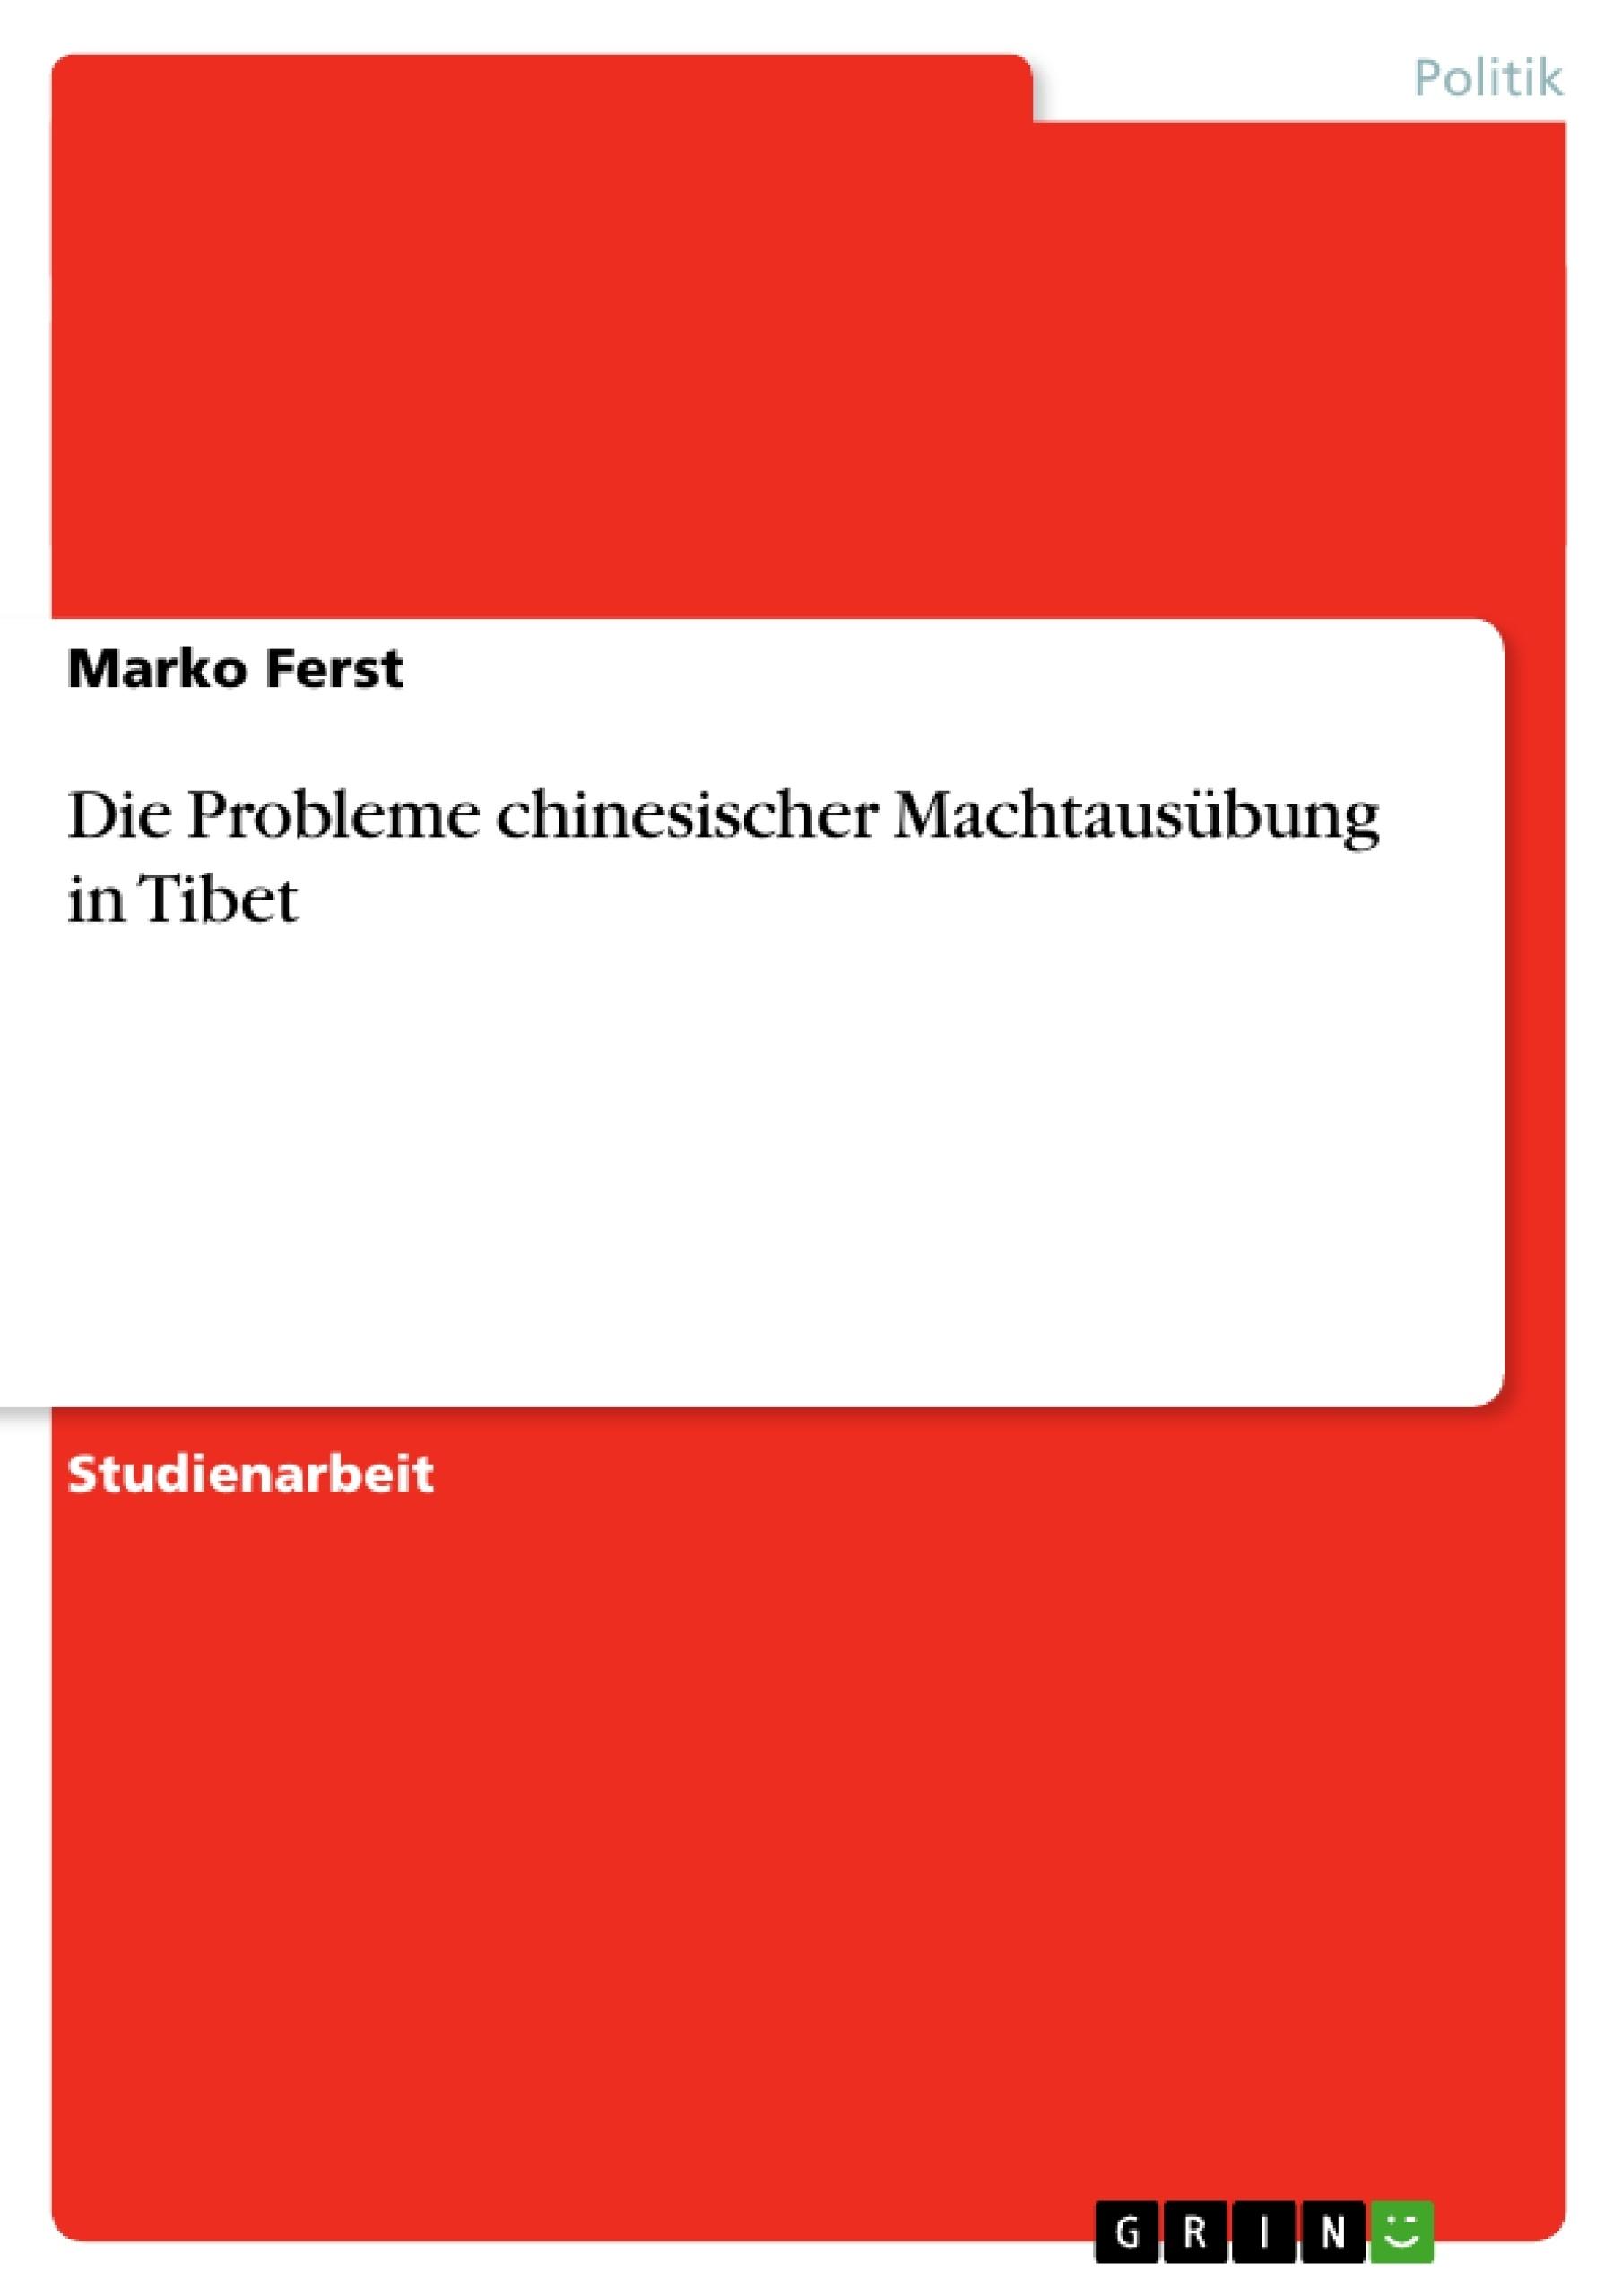 Titel: Die Probleme chinesischer Machtausübung in Tibet